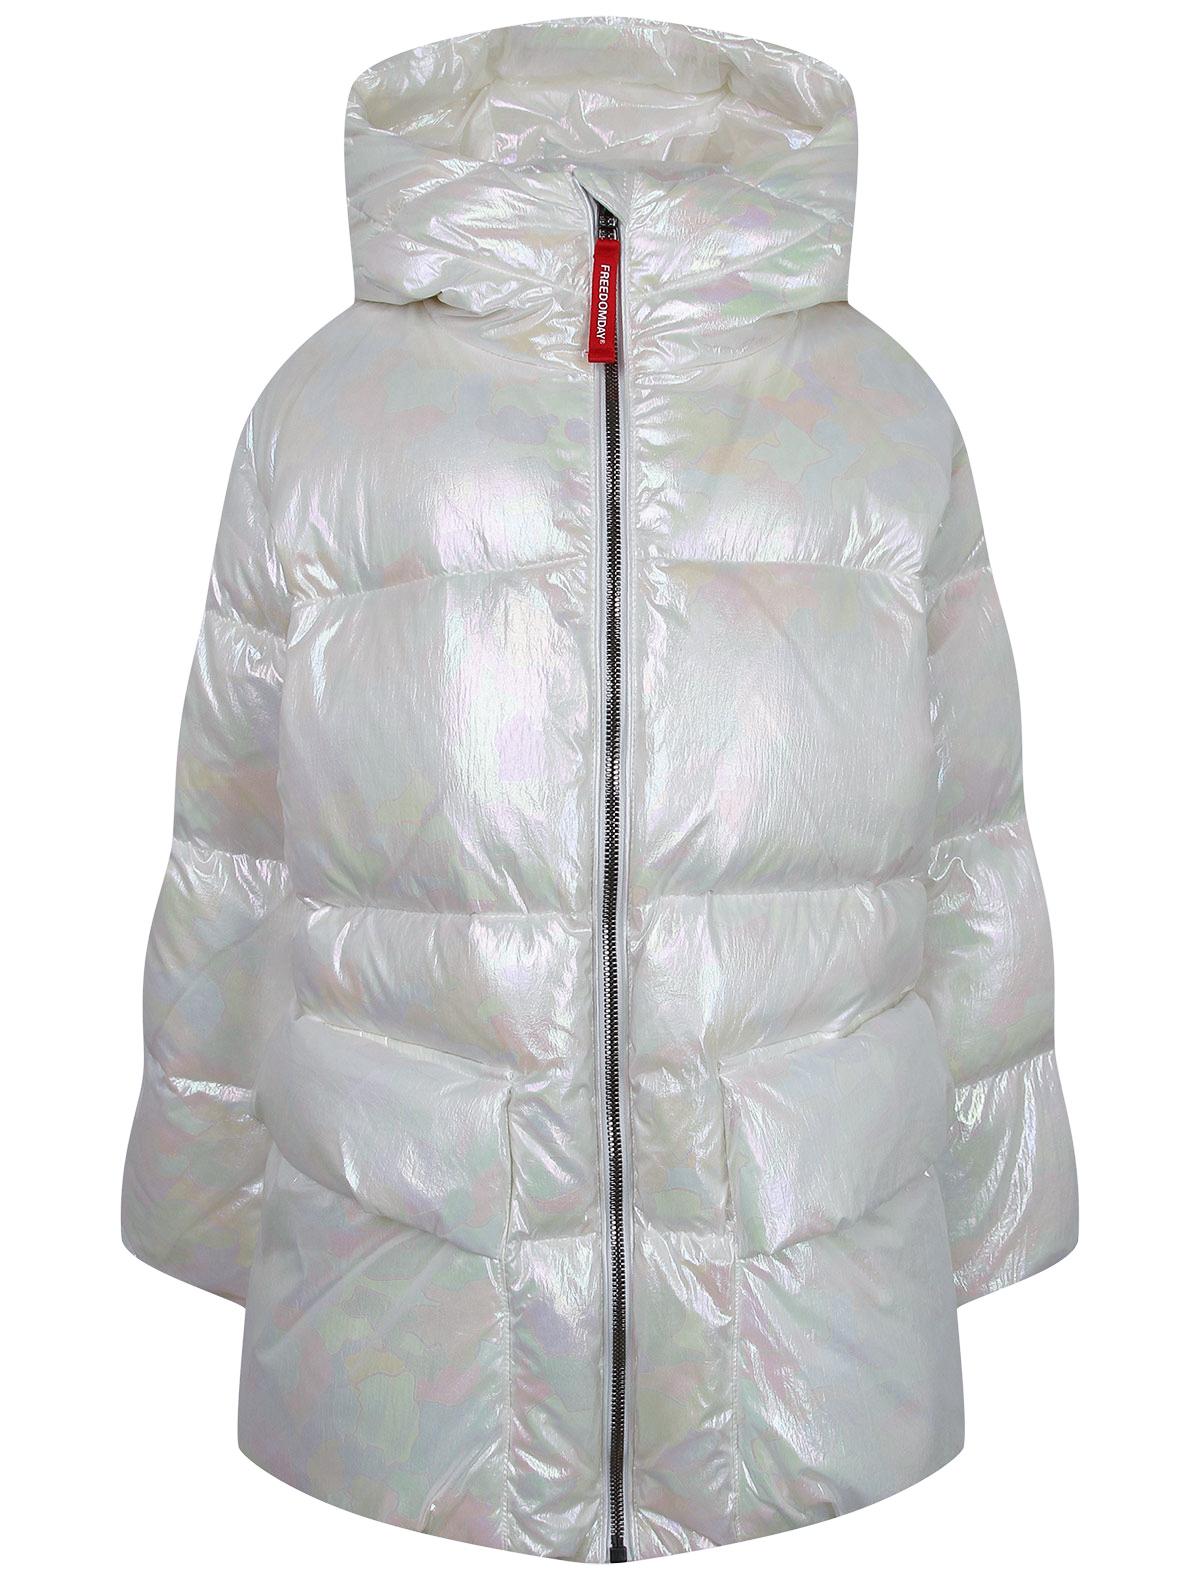 Купить 2243486, Куртка FREEDOMDAY, белый, Женский, 1074509082989